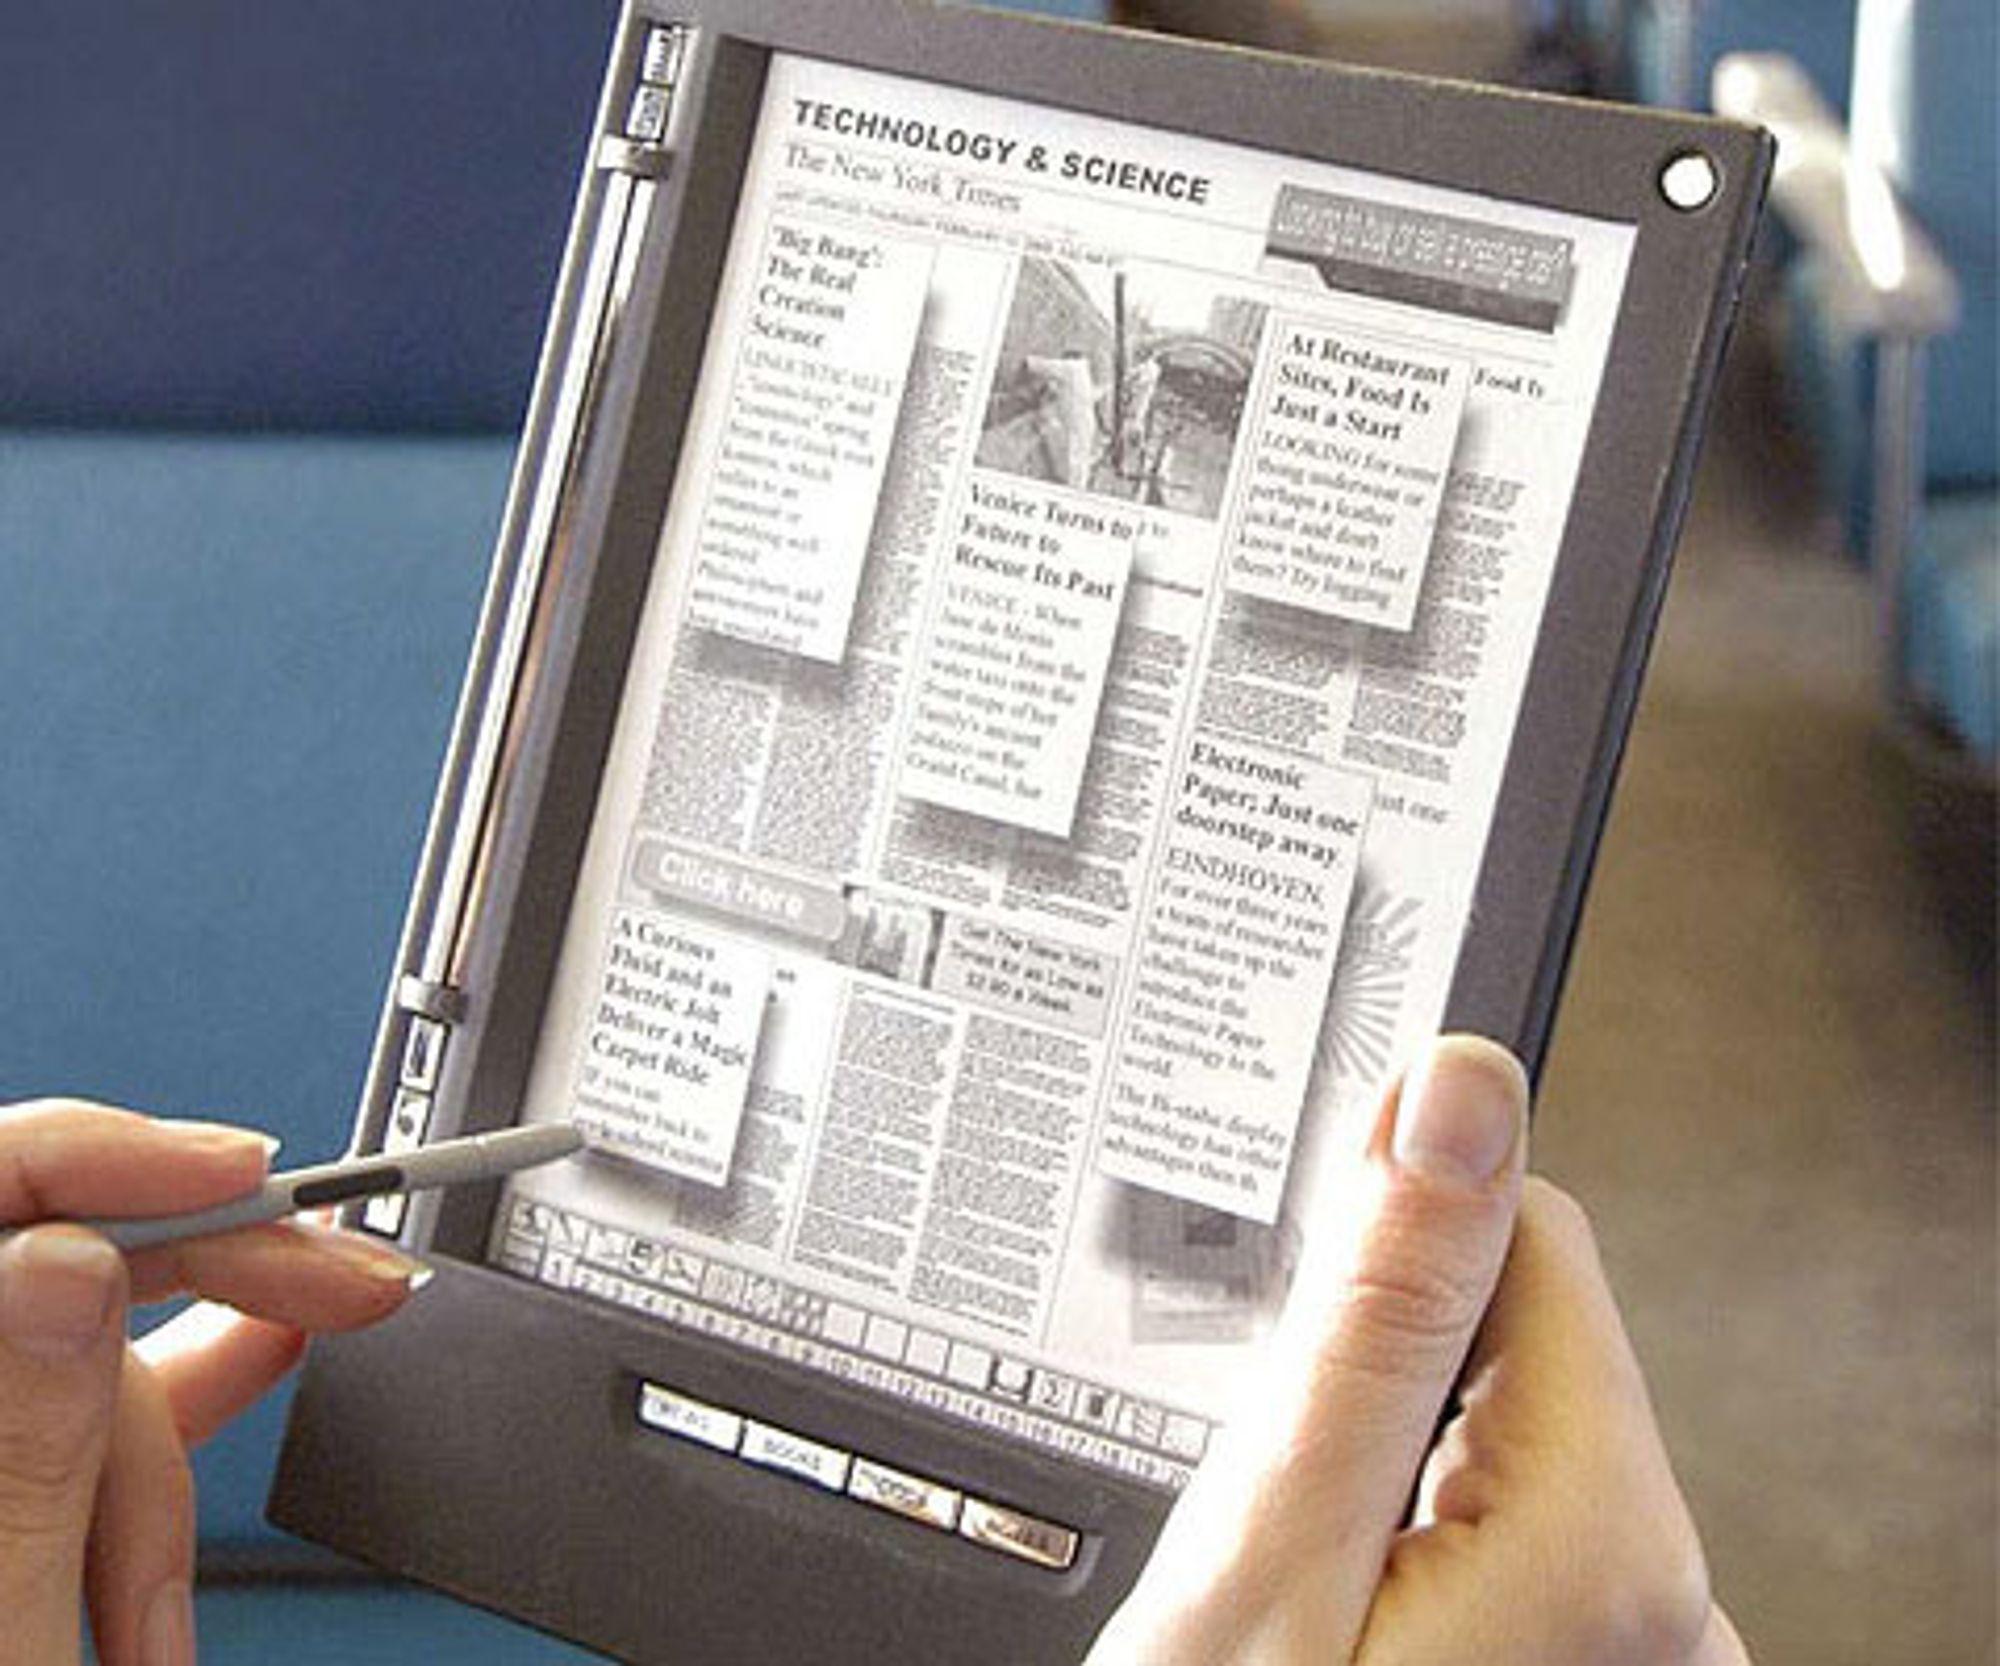 Leseplaten iLiad Reader fra iRex Technologies danner basisen for første generasjon e-aviser.